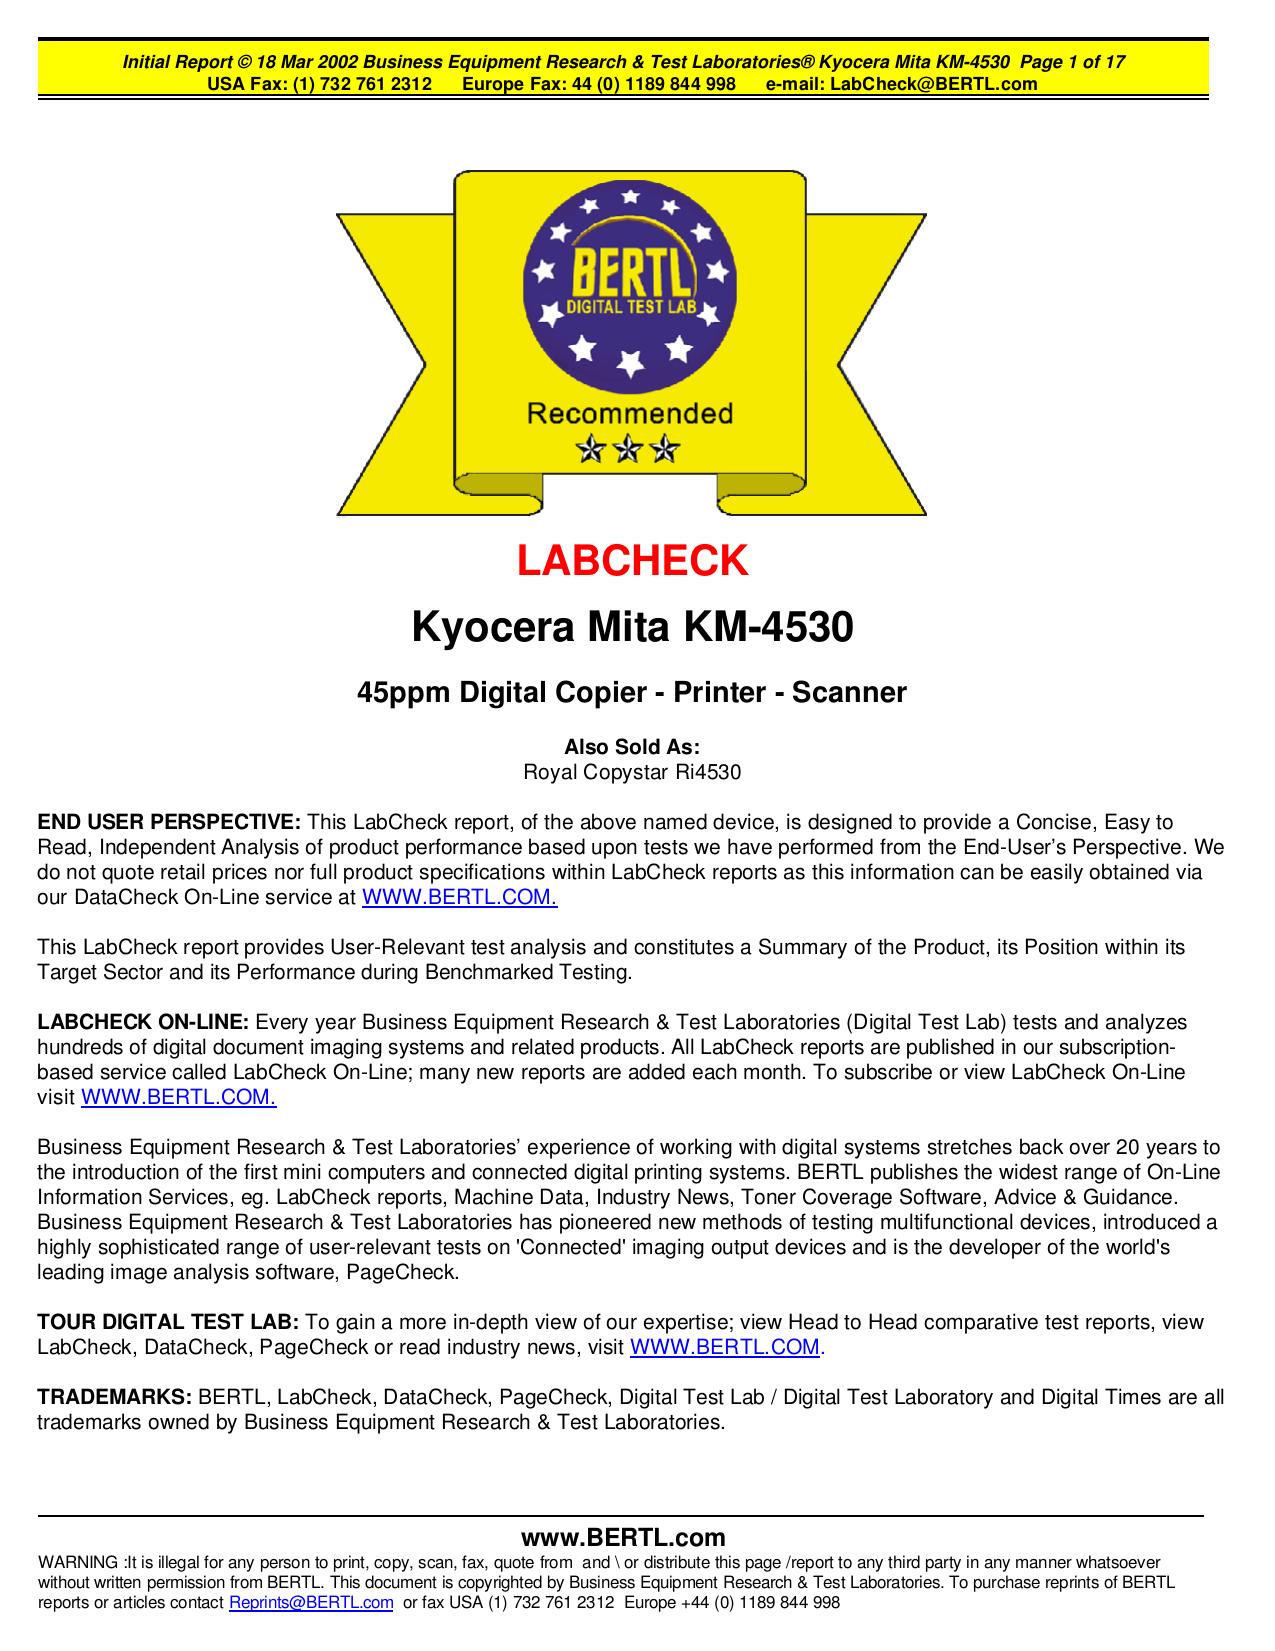 pdf for Kyocera Printer KM-4530 manual